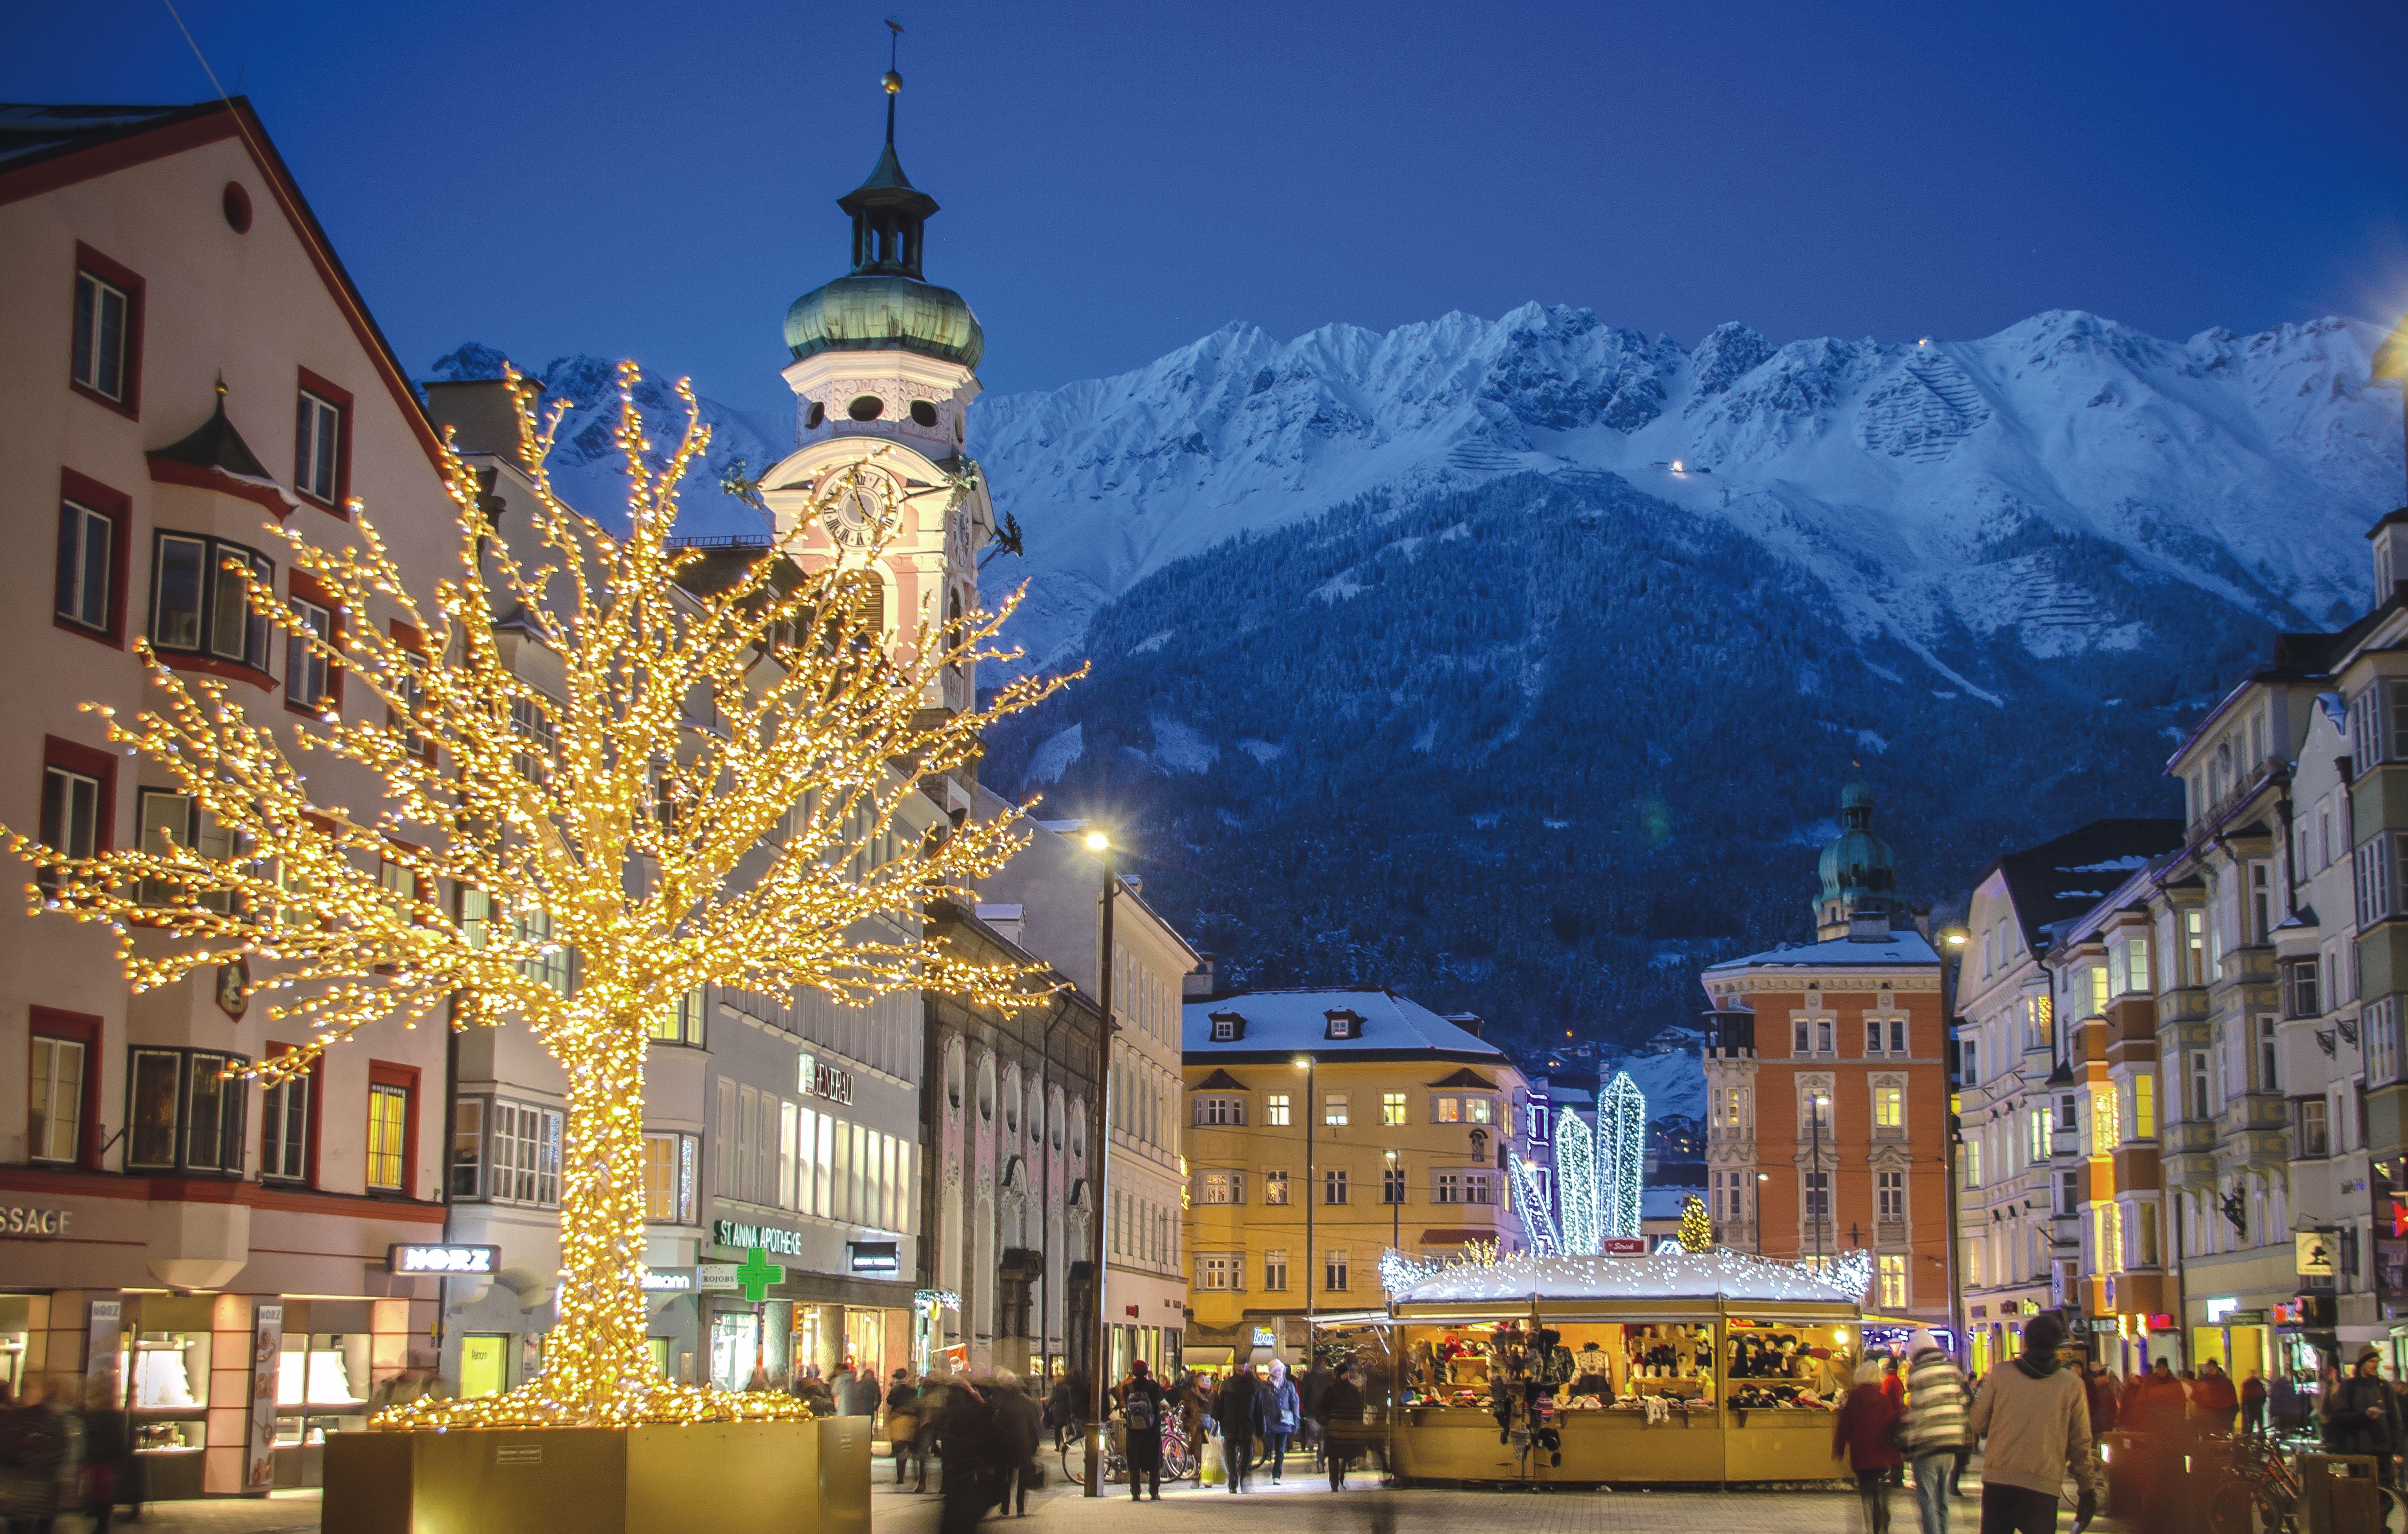 ▷ Einfach himmlisch: Advent und Weihnachten in Innsbruck - BILD ...